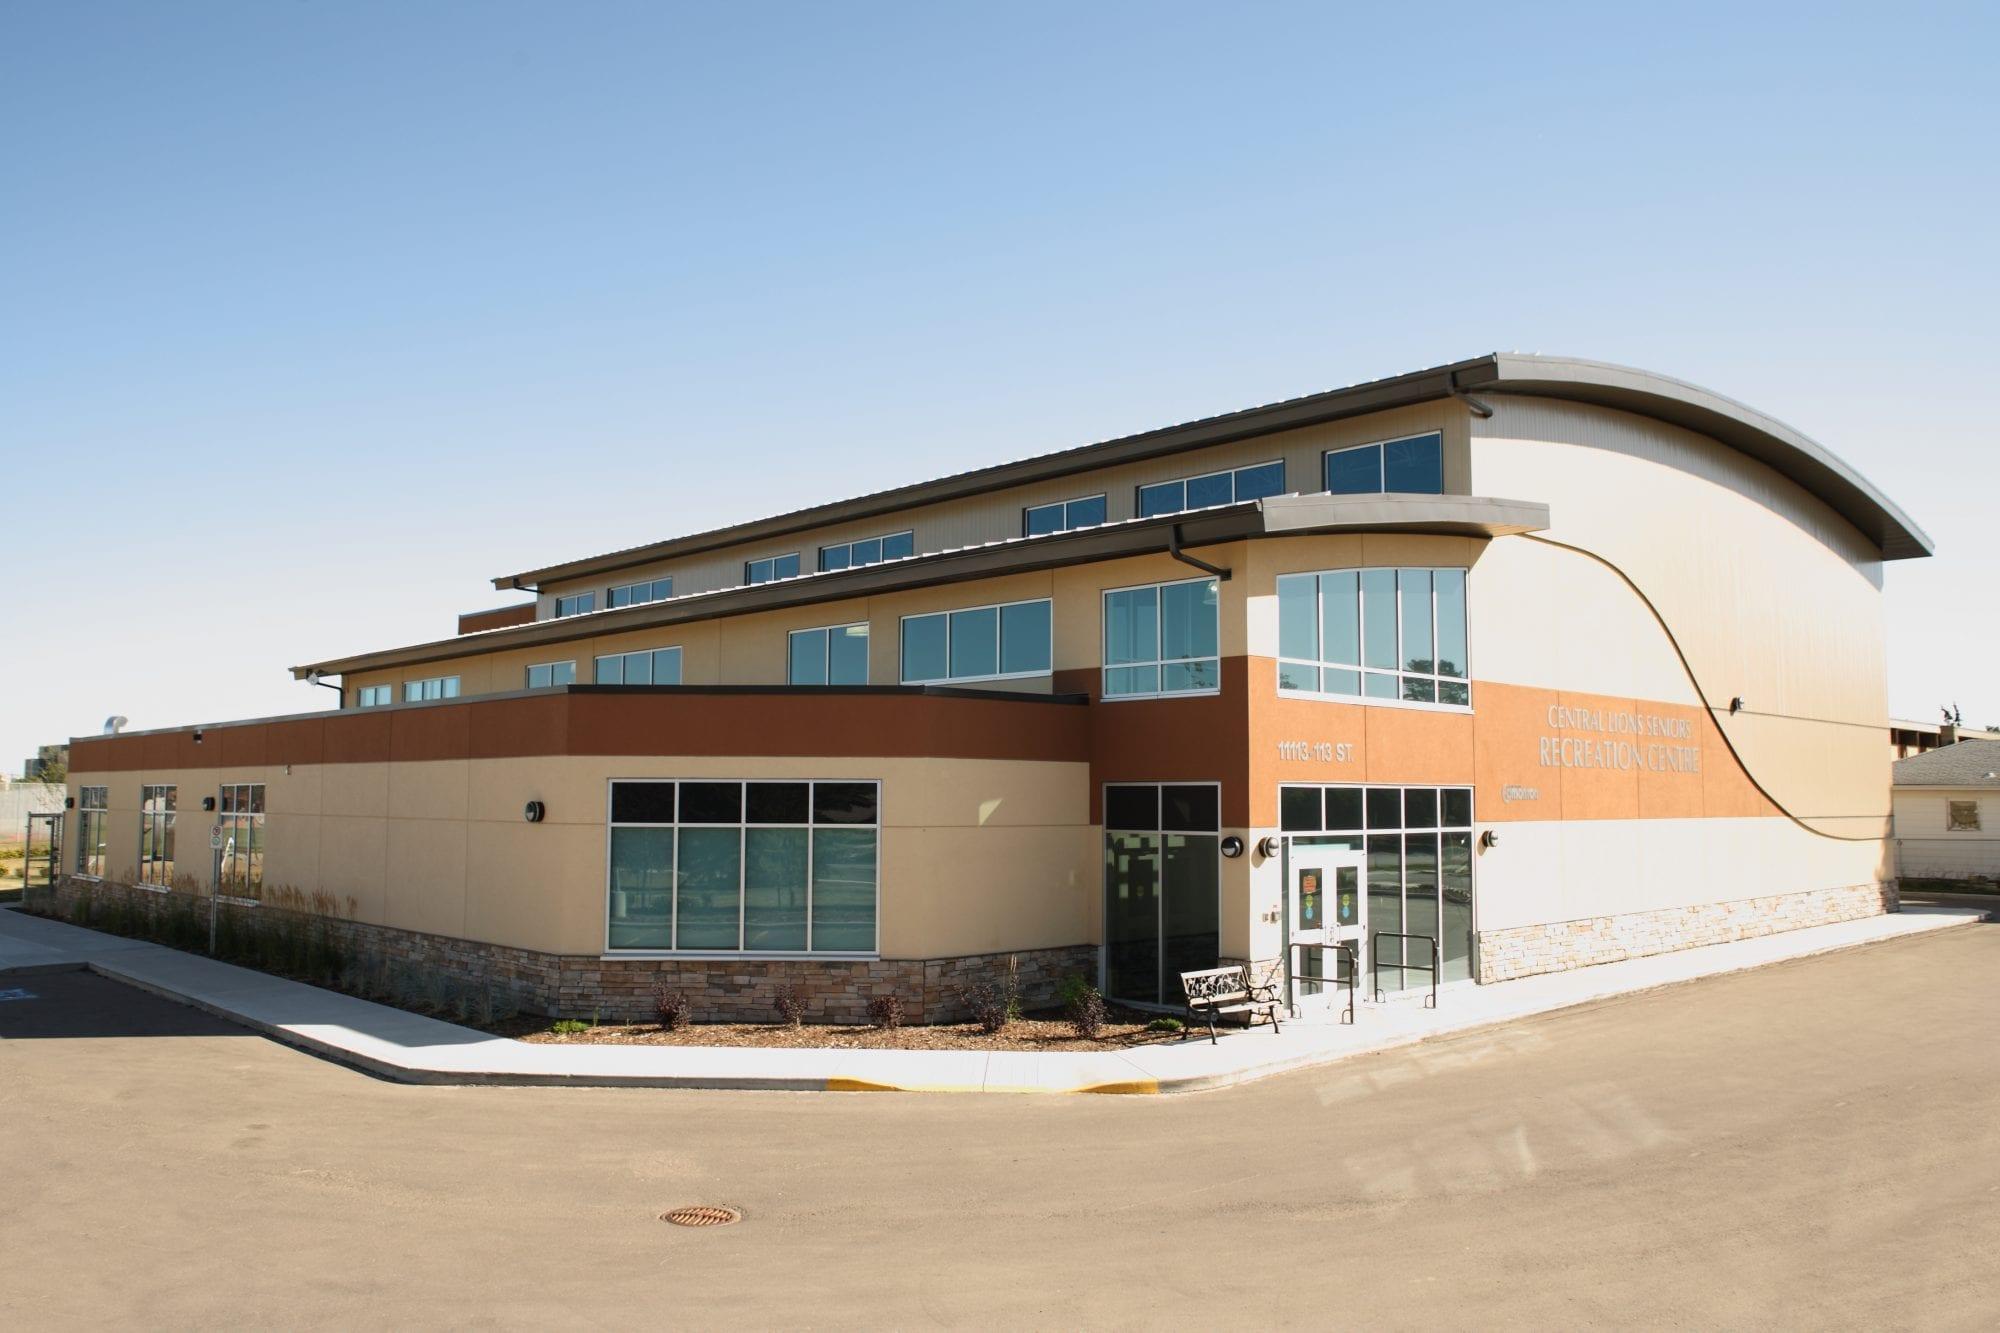 Central Lions Senior Recreation Centre